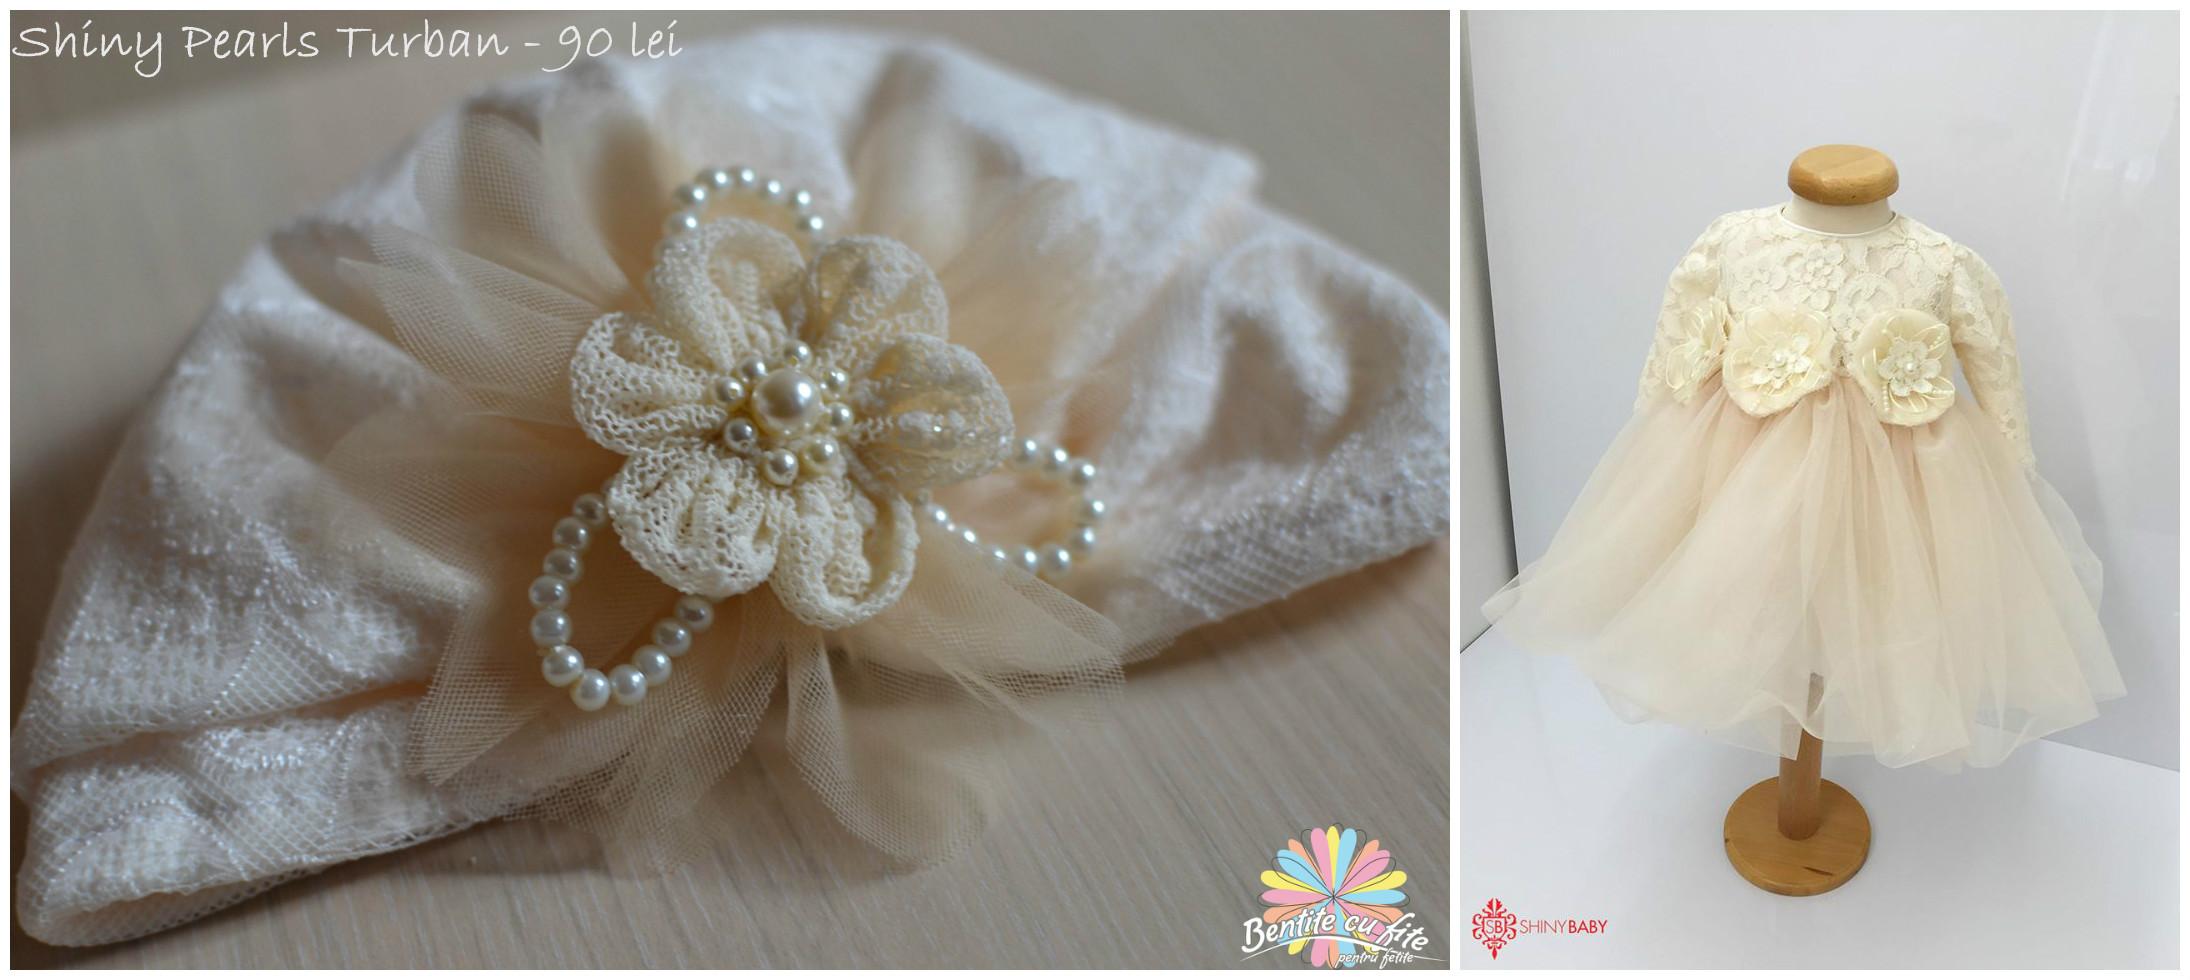 Shiny Pearls Turban